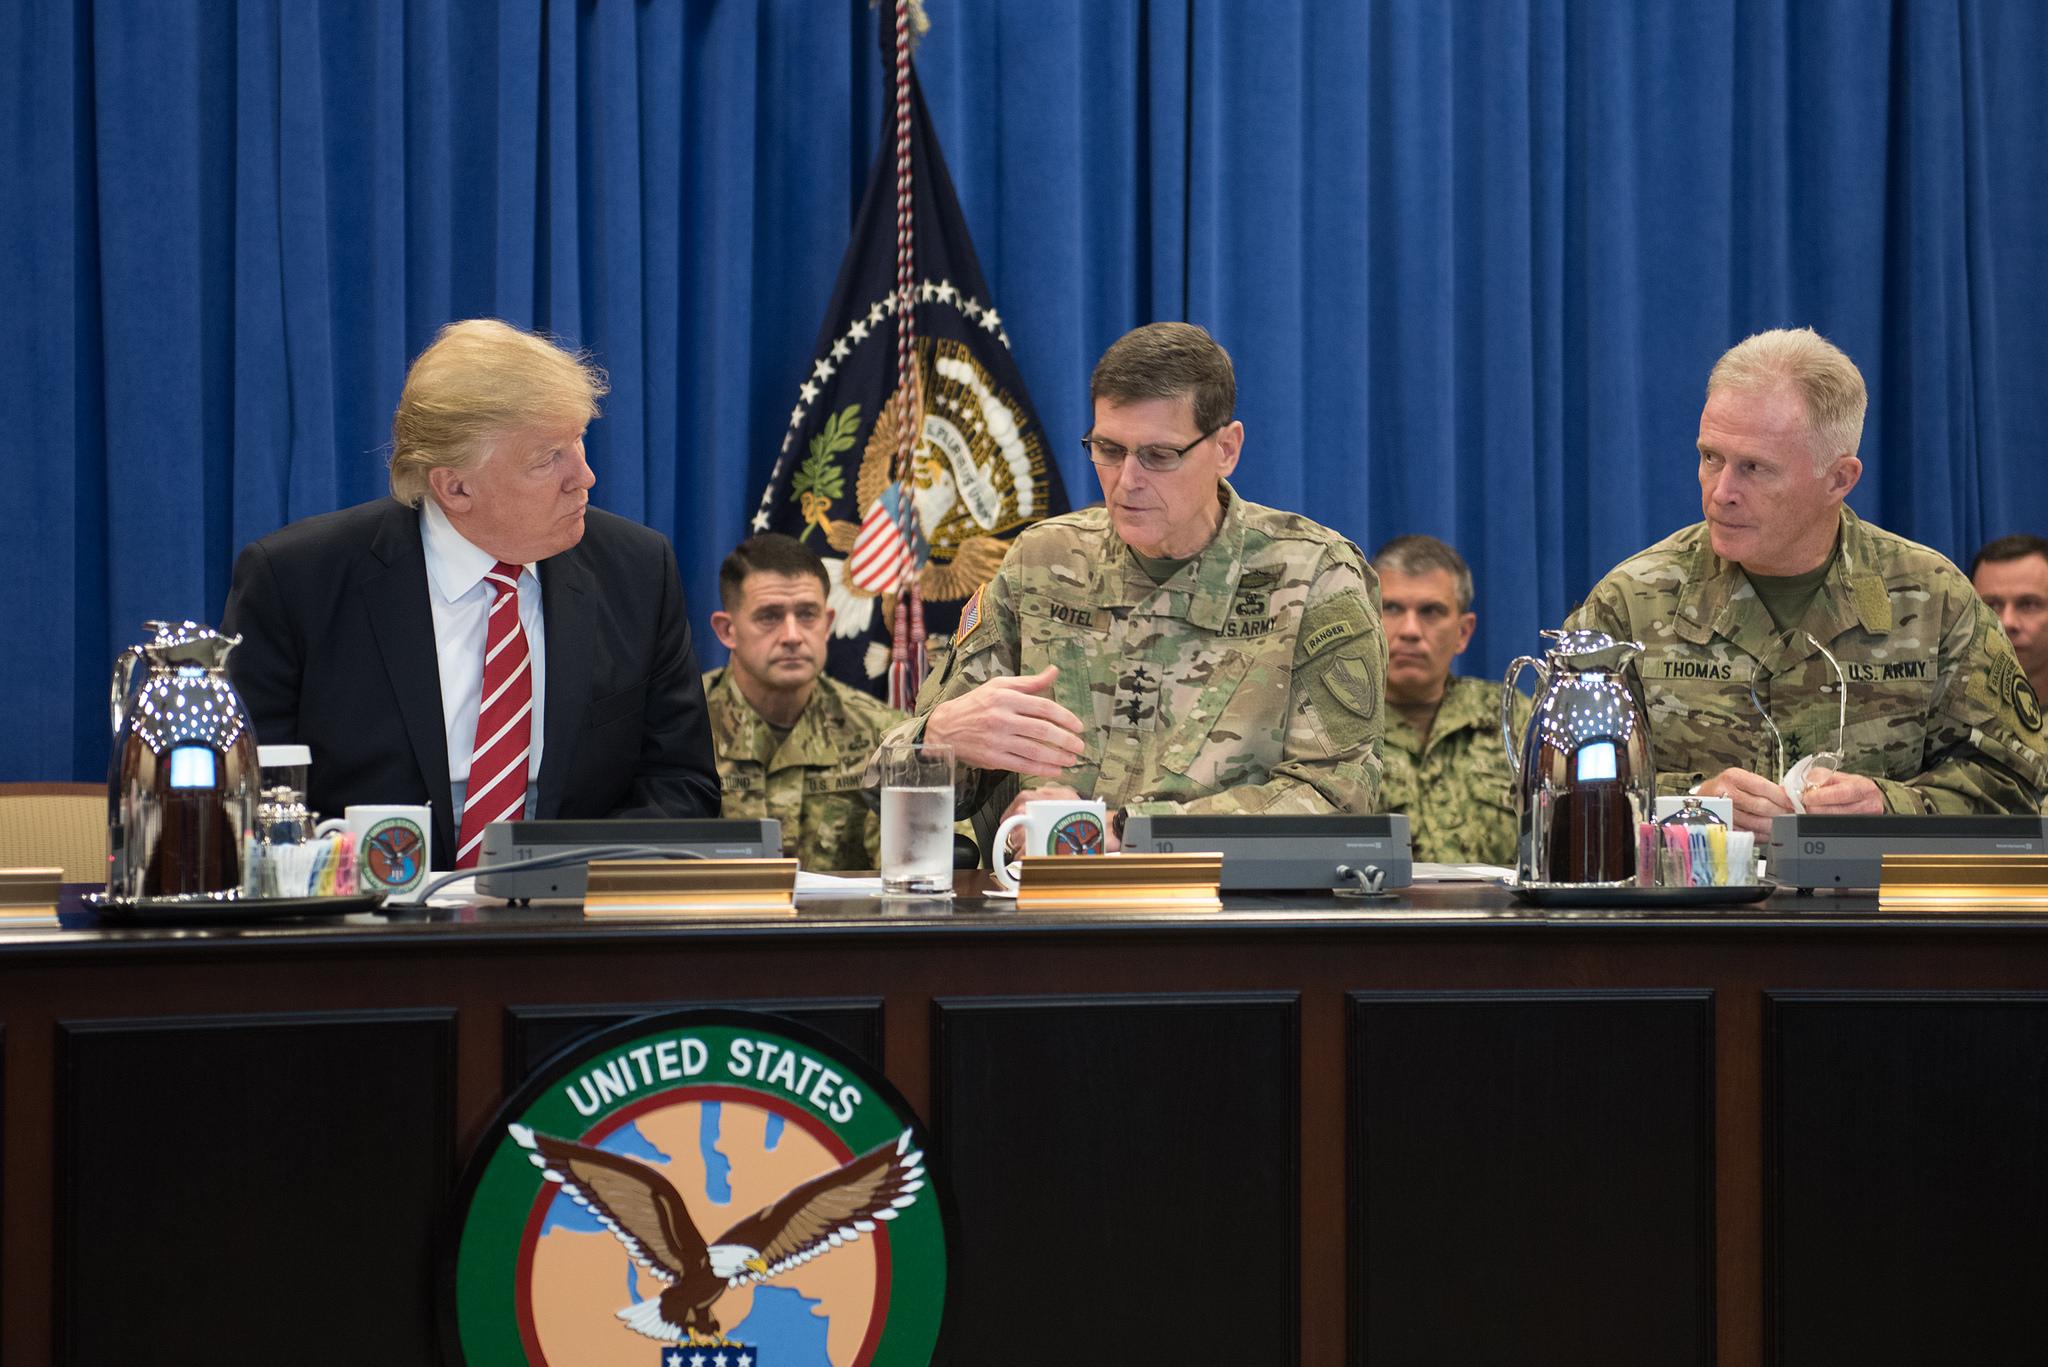 البيت الأبيض يكشف تكلفة عرض ترامب العسكري